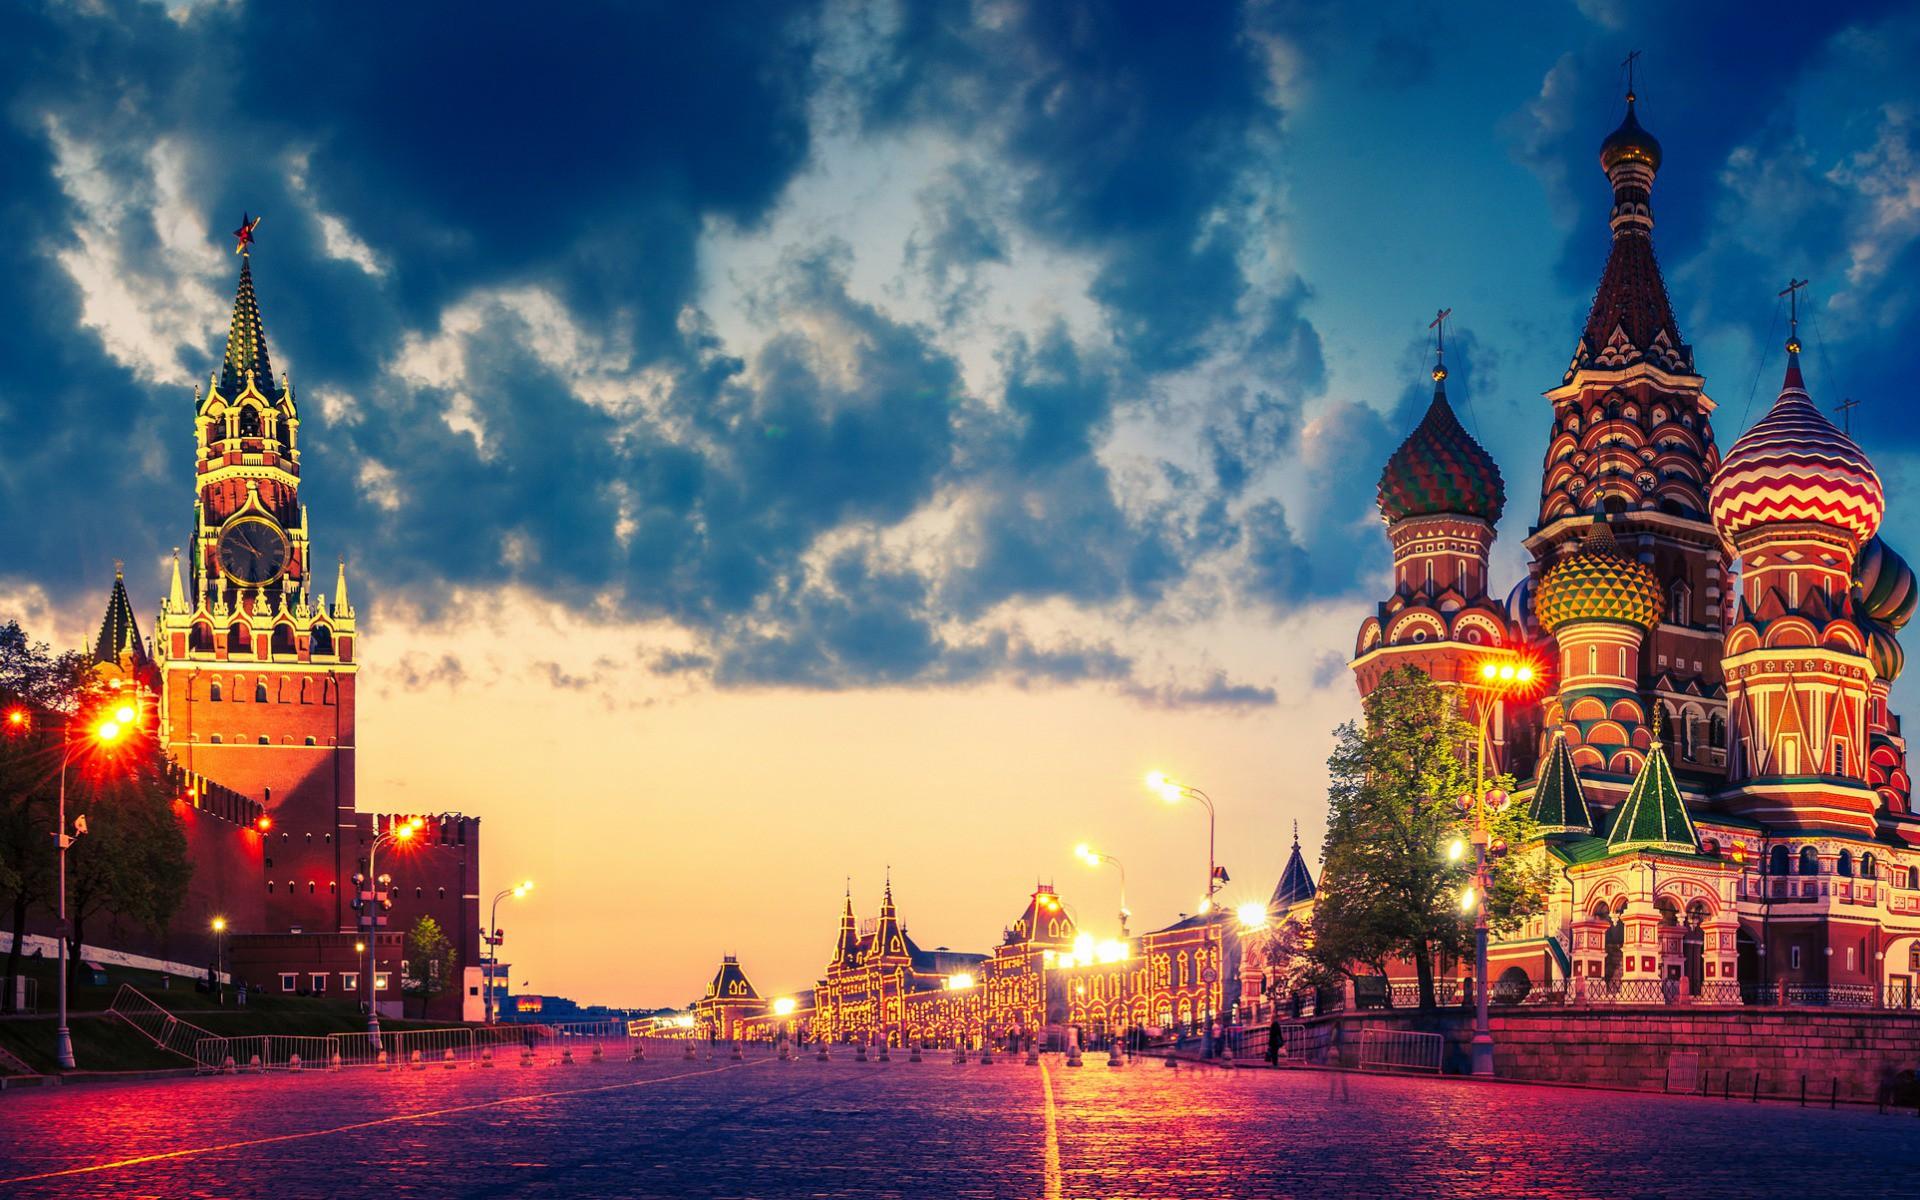 Photo of Гид по выживанию, или Куда сходить в Москве на 200 рублей. Часть 2 выживание Гид по выживанию, или Куда сходить в Москве на 200 рублей. Часть 2 158c7d39ec94494f7909b8a06bc07aad